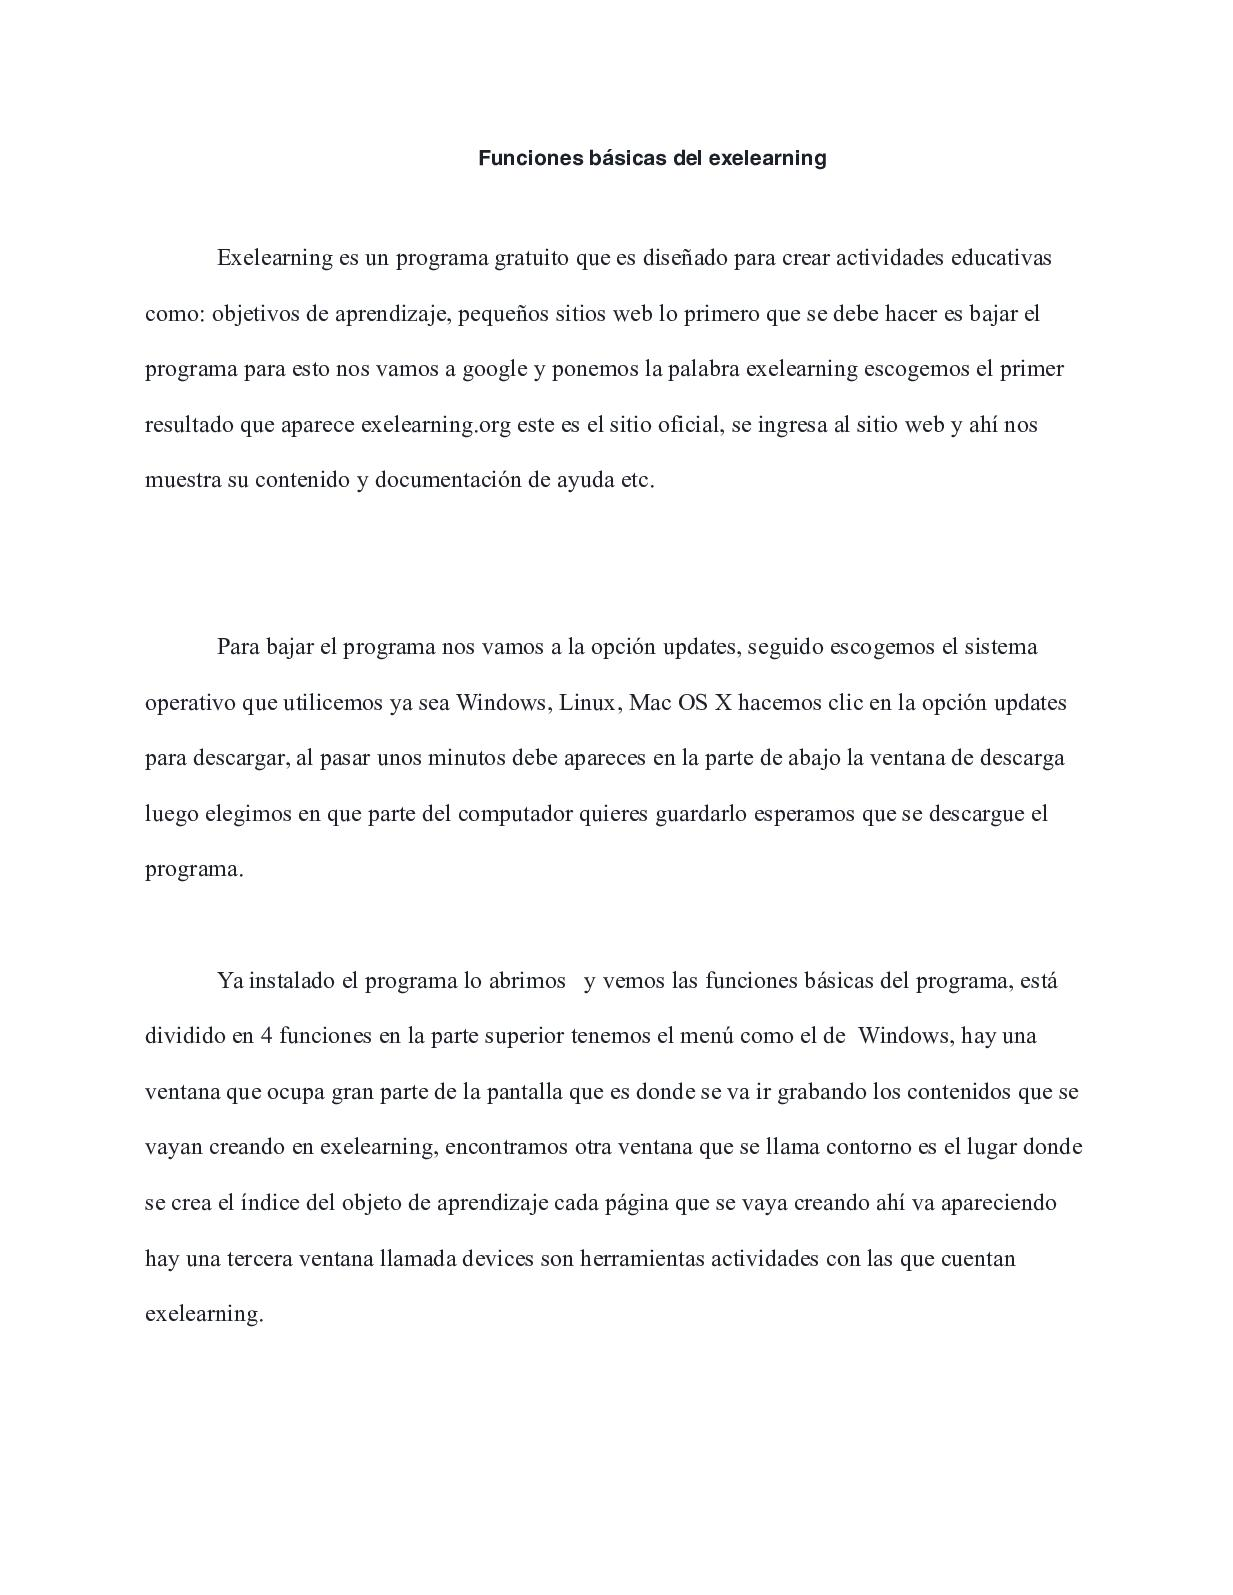 Calaméo - Funciones Básicas Del Exelearning